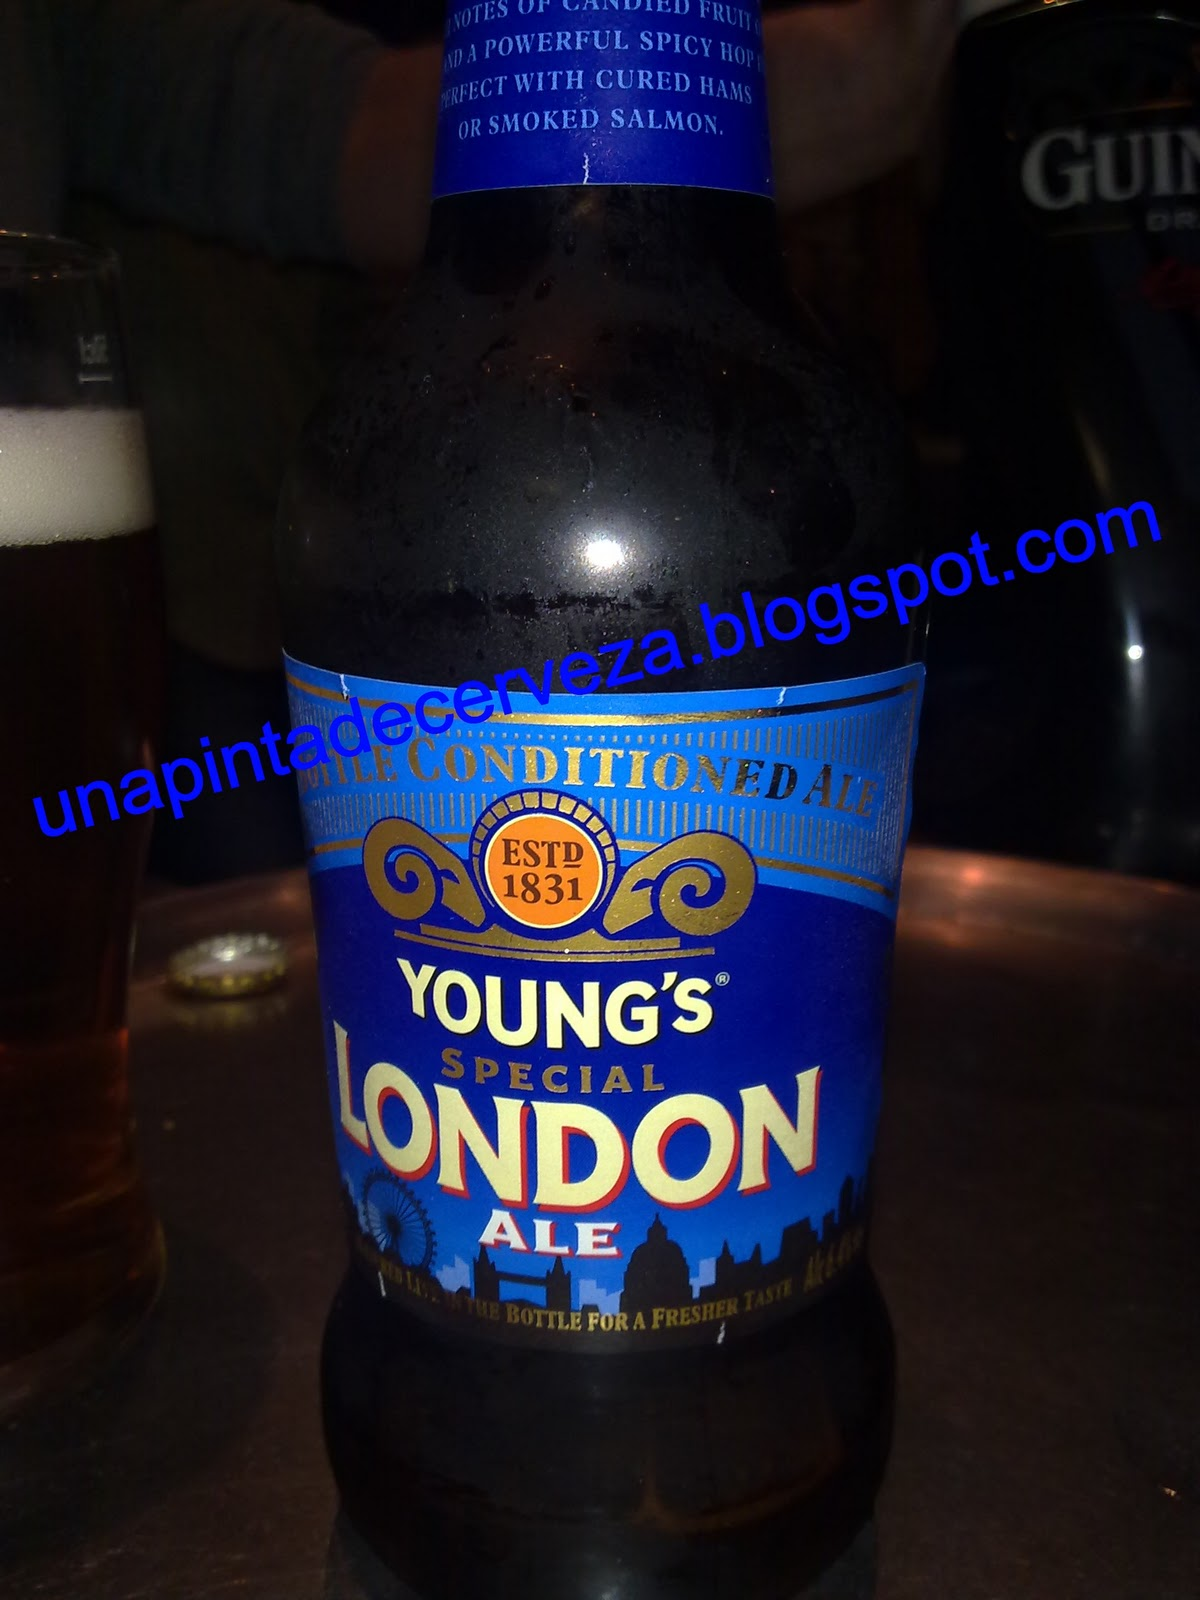 Describe al futbolista. - Página 4 Young%25C2%25B4s+Special+London+Ale